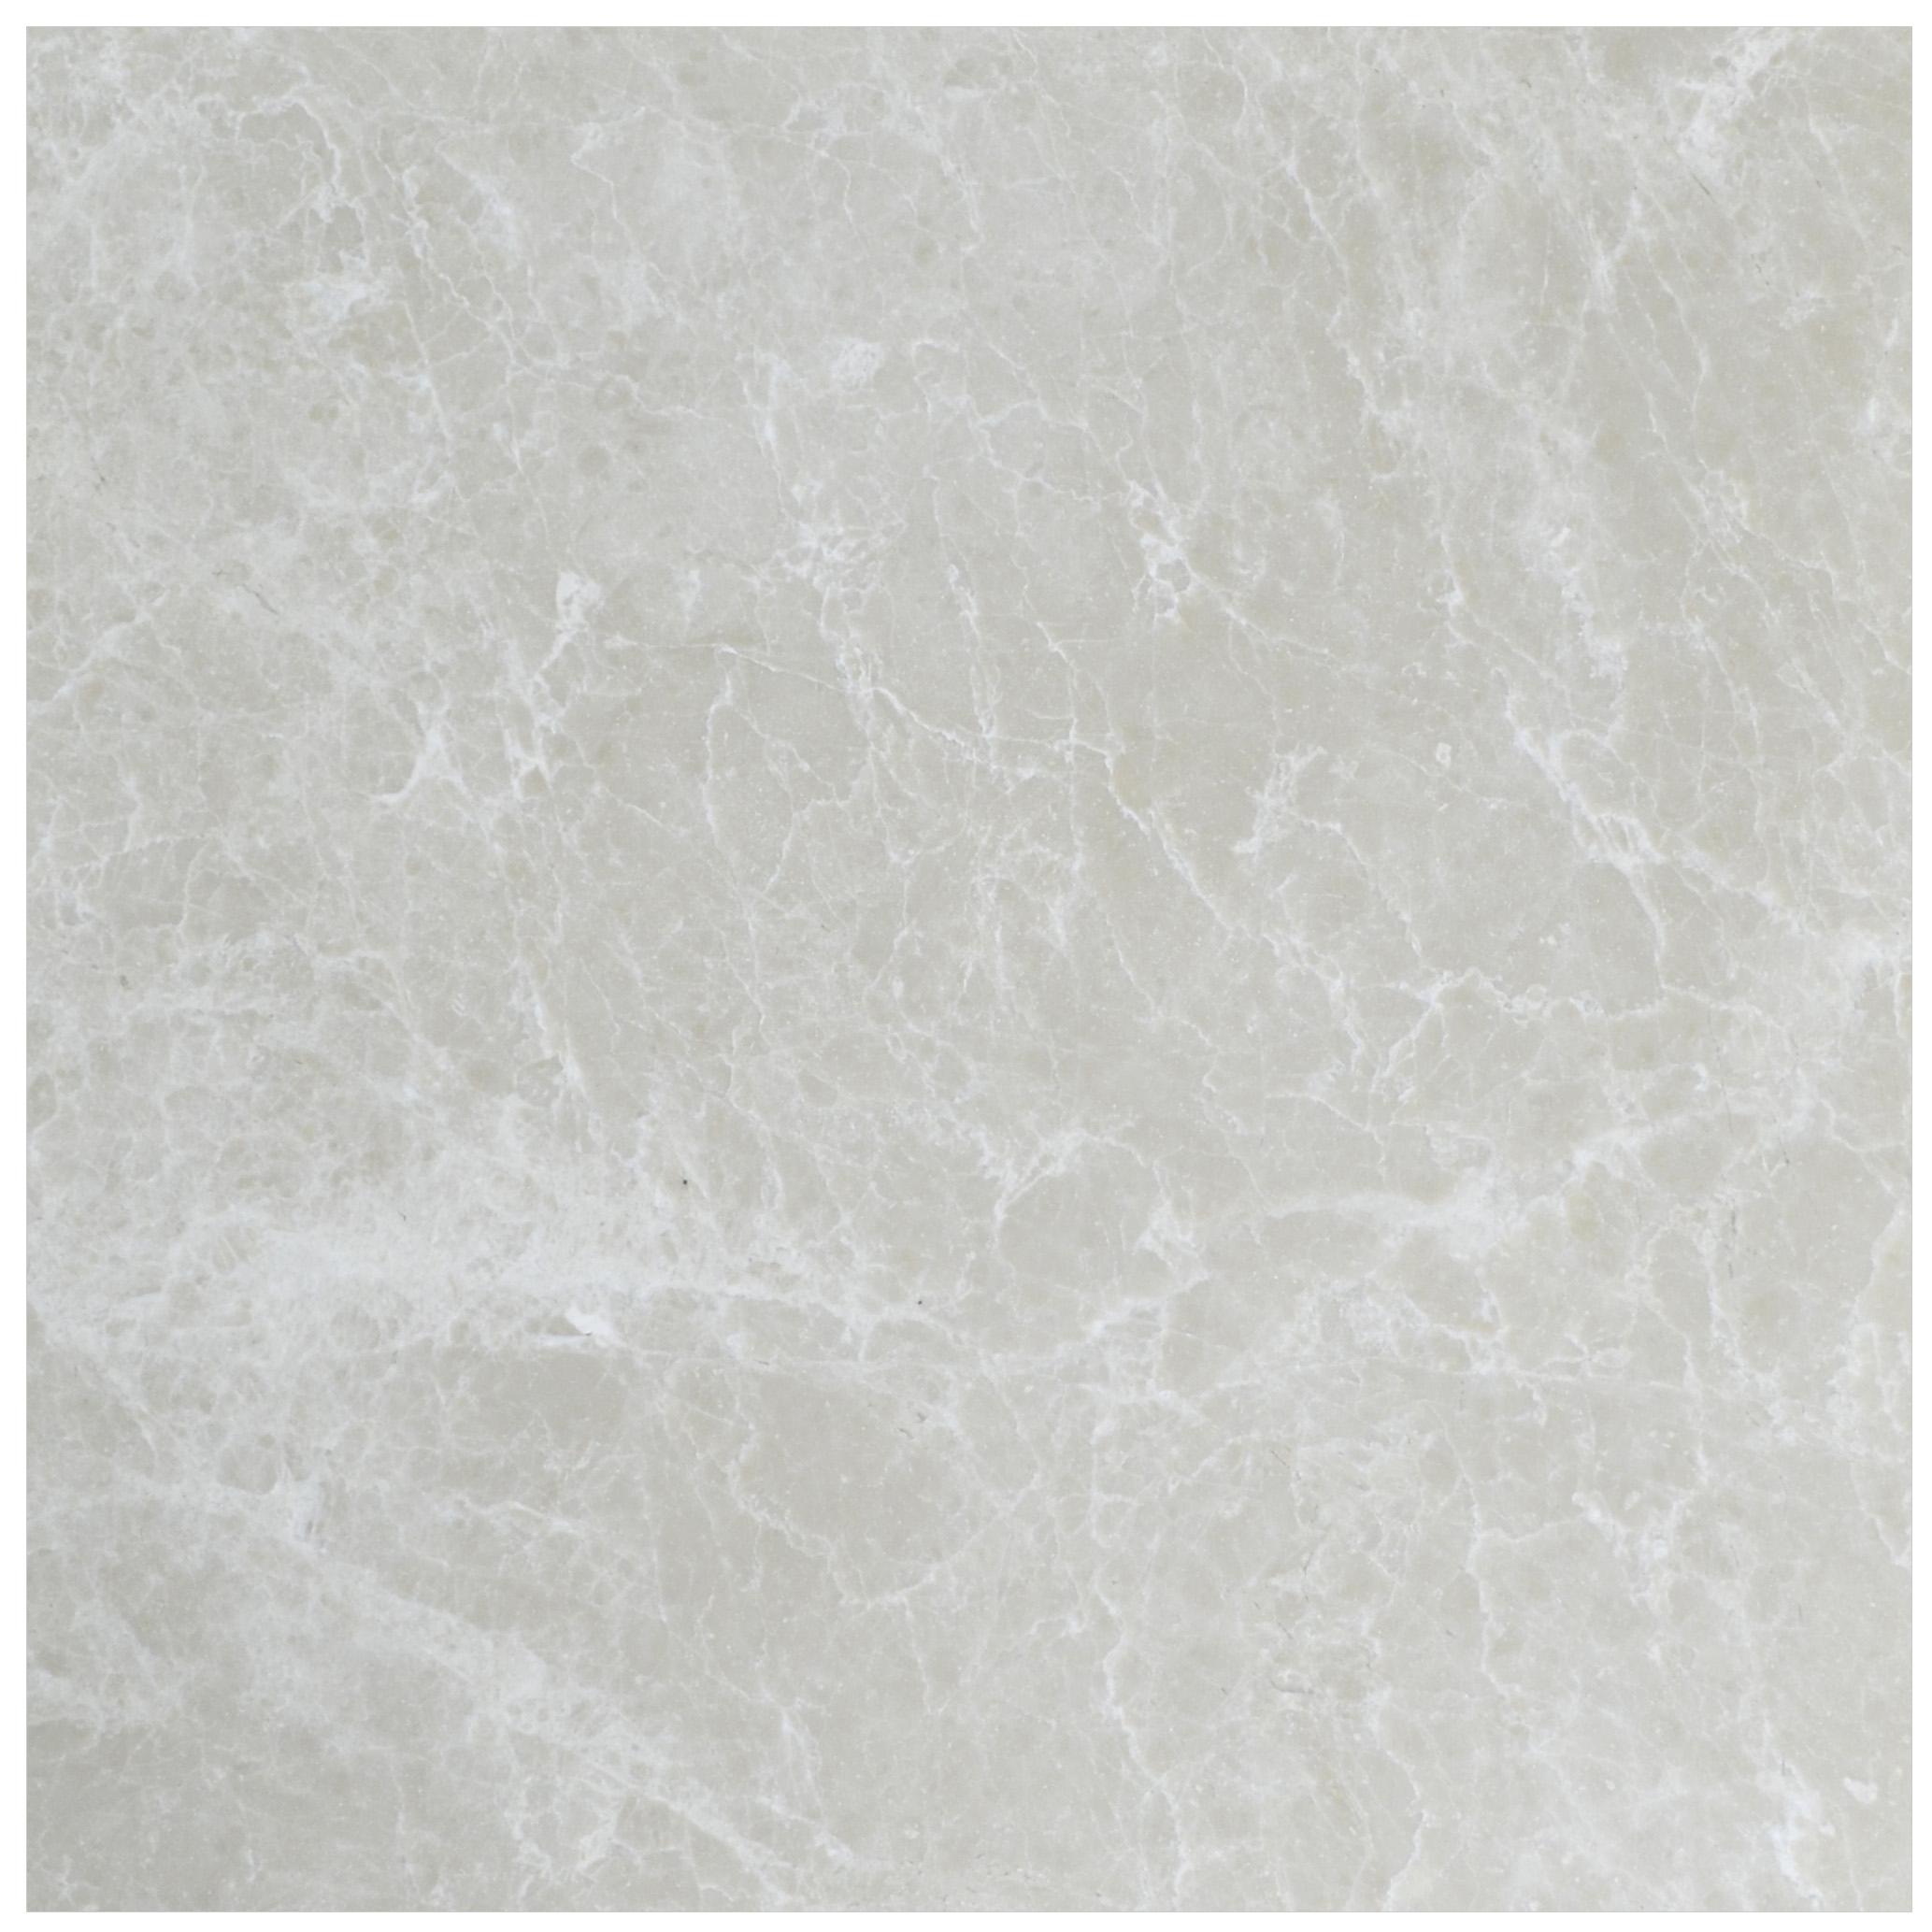 Botticino Beige Brushed Marble Tiles 24x24